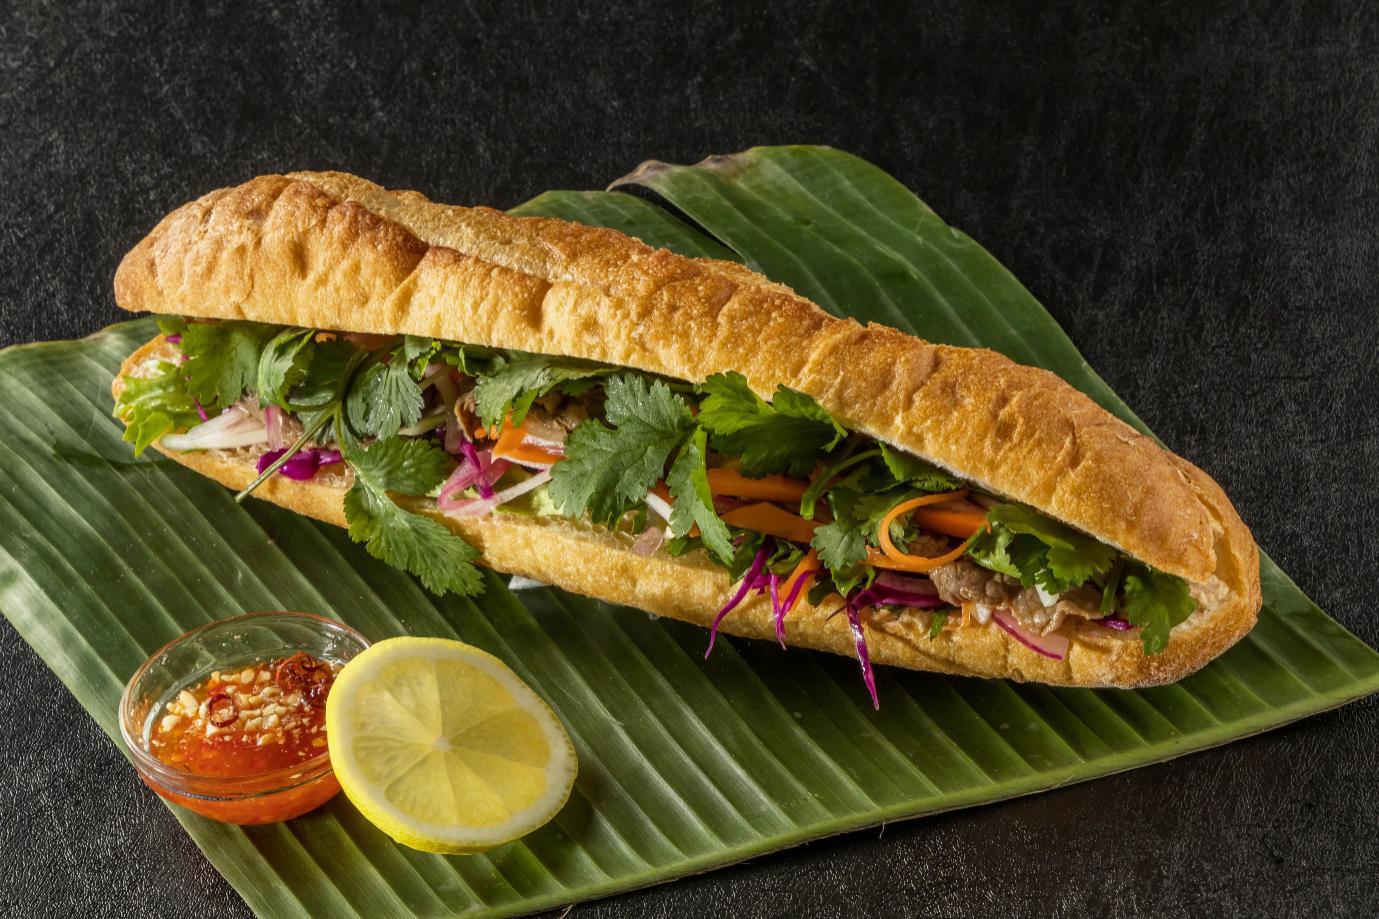 Cùng bác tài công nghệ điểm mặt những xe bánh mì hot nhất Sài Gòn - Ảnh 1.